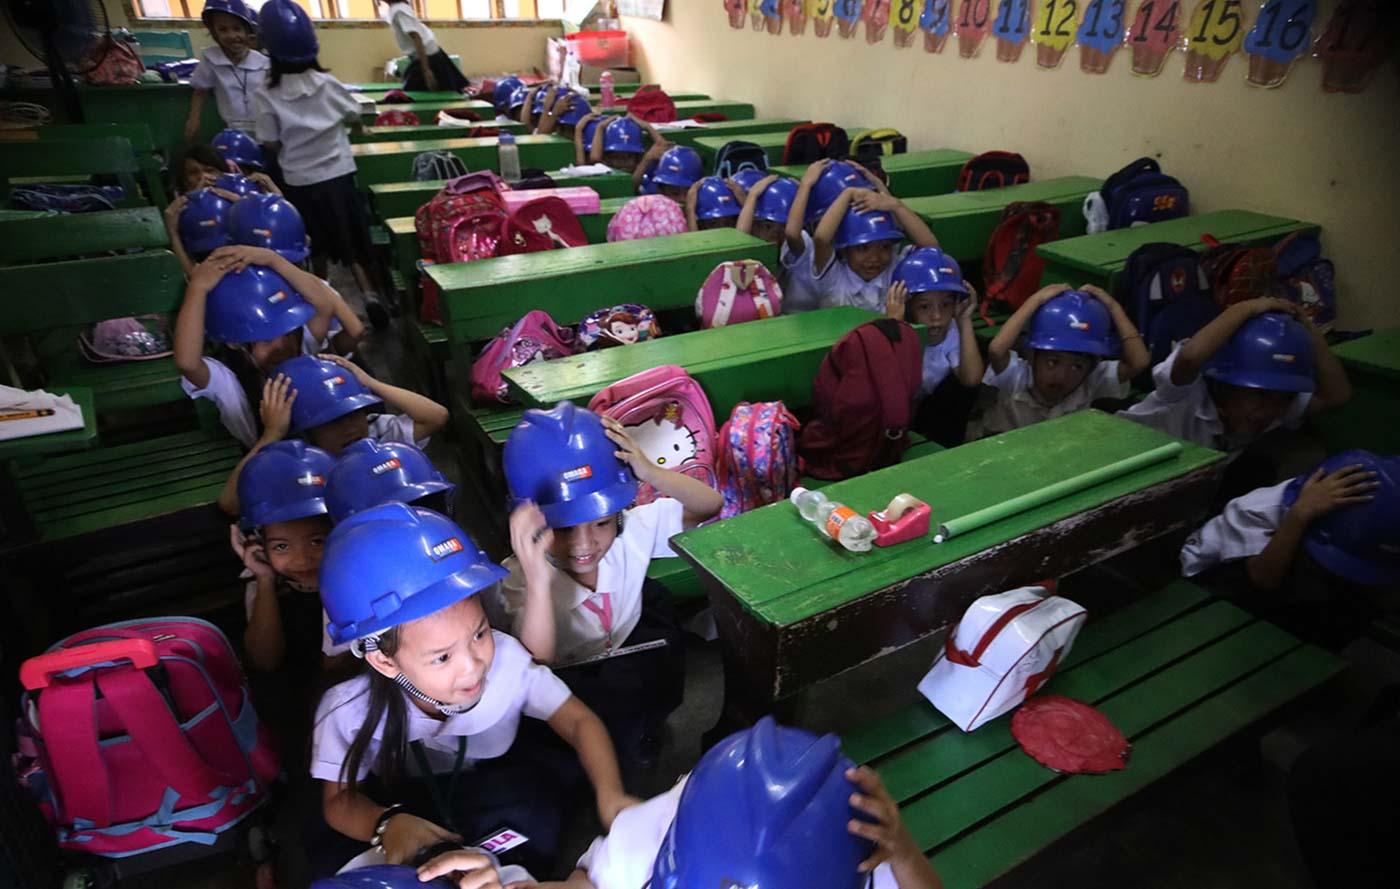 COVER. Corazon Elementary School pupils in Batasan, Quezon City. Photo by Darren Langit/Rappler